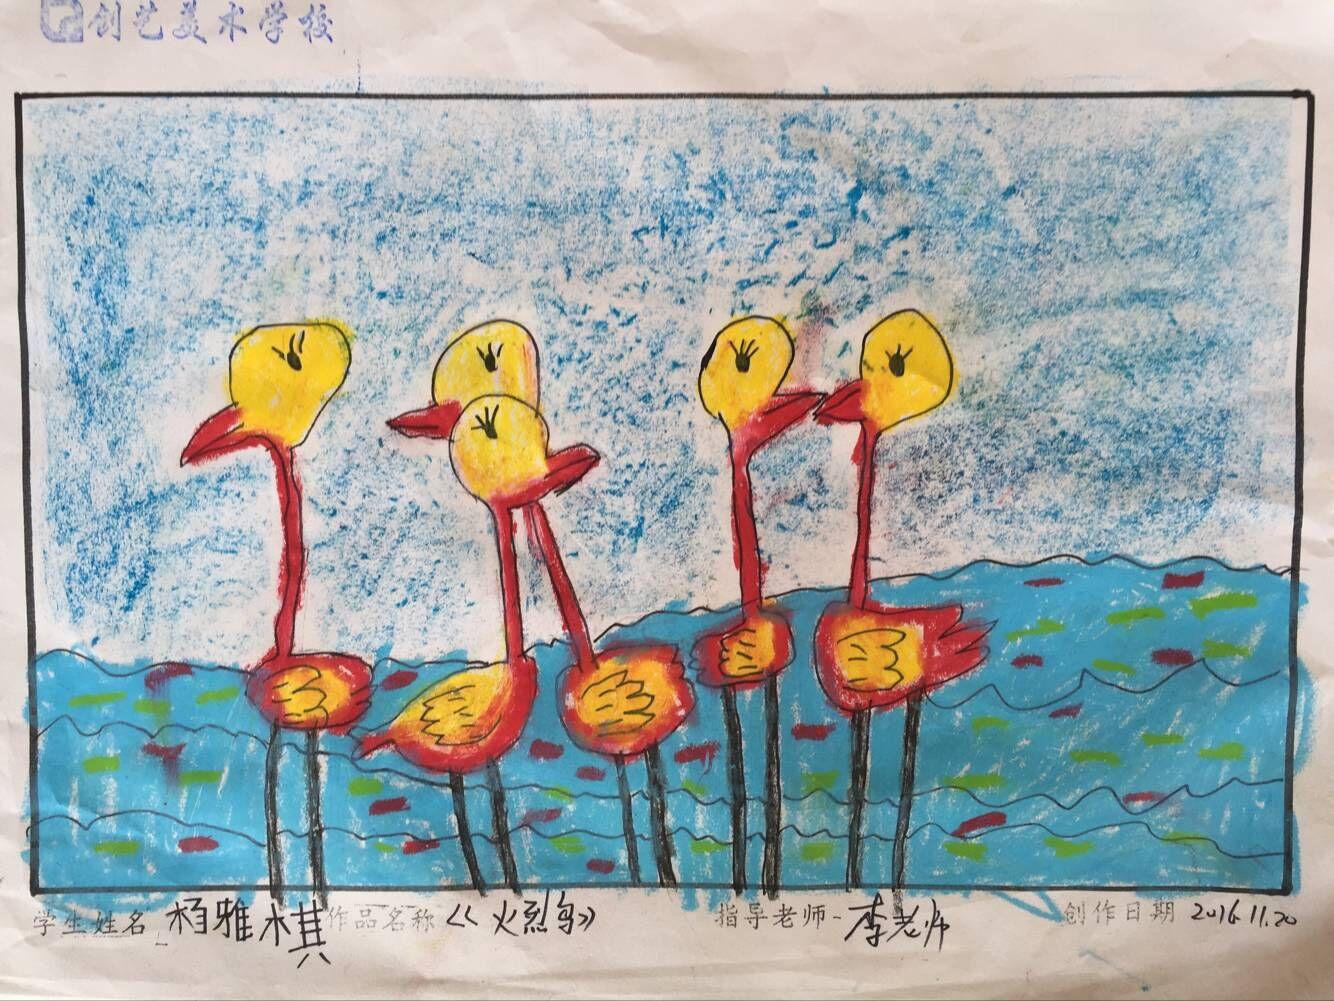 创艺美术学校学生作品欣赏—-《火烈鸟》